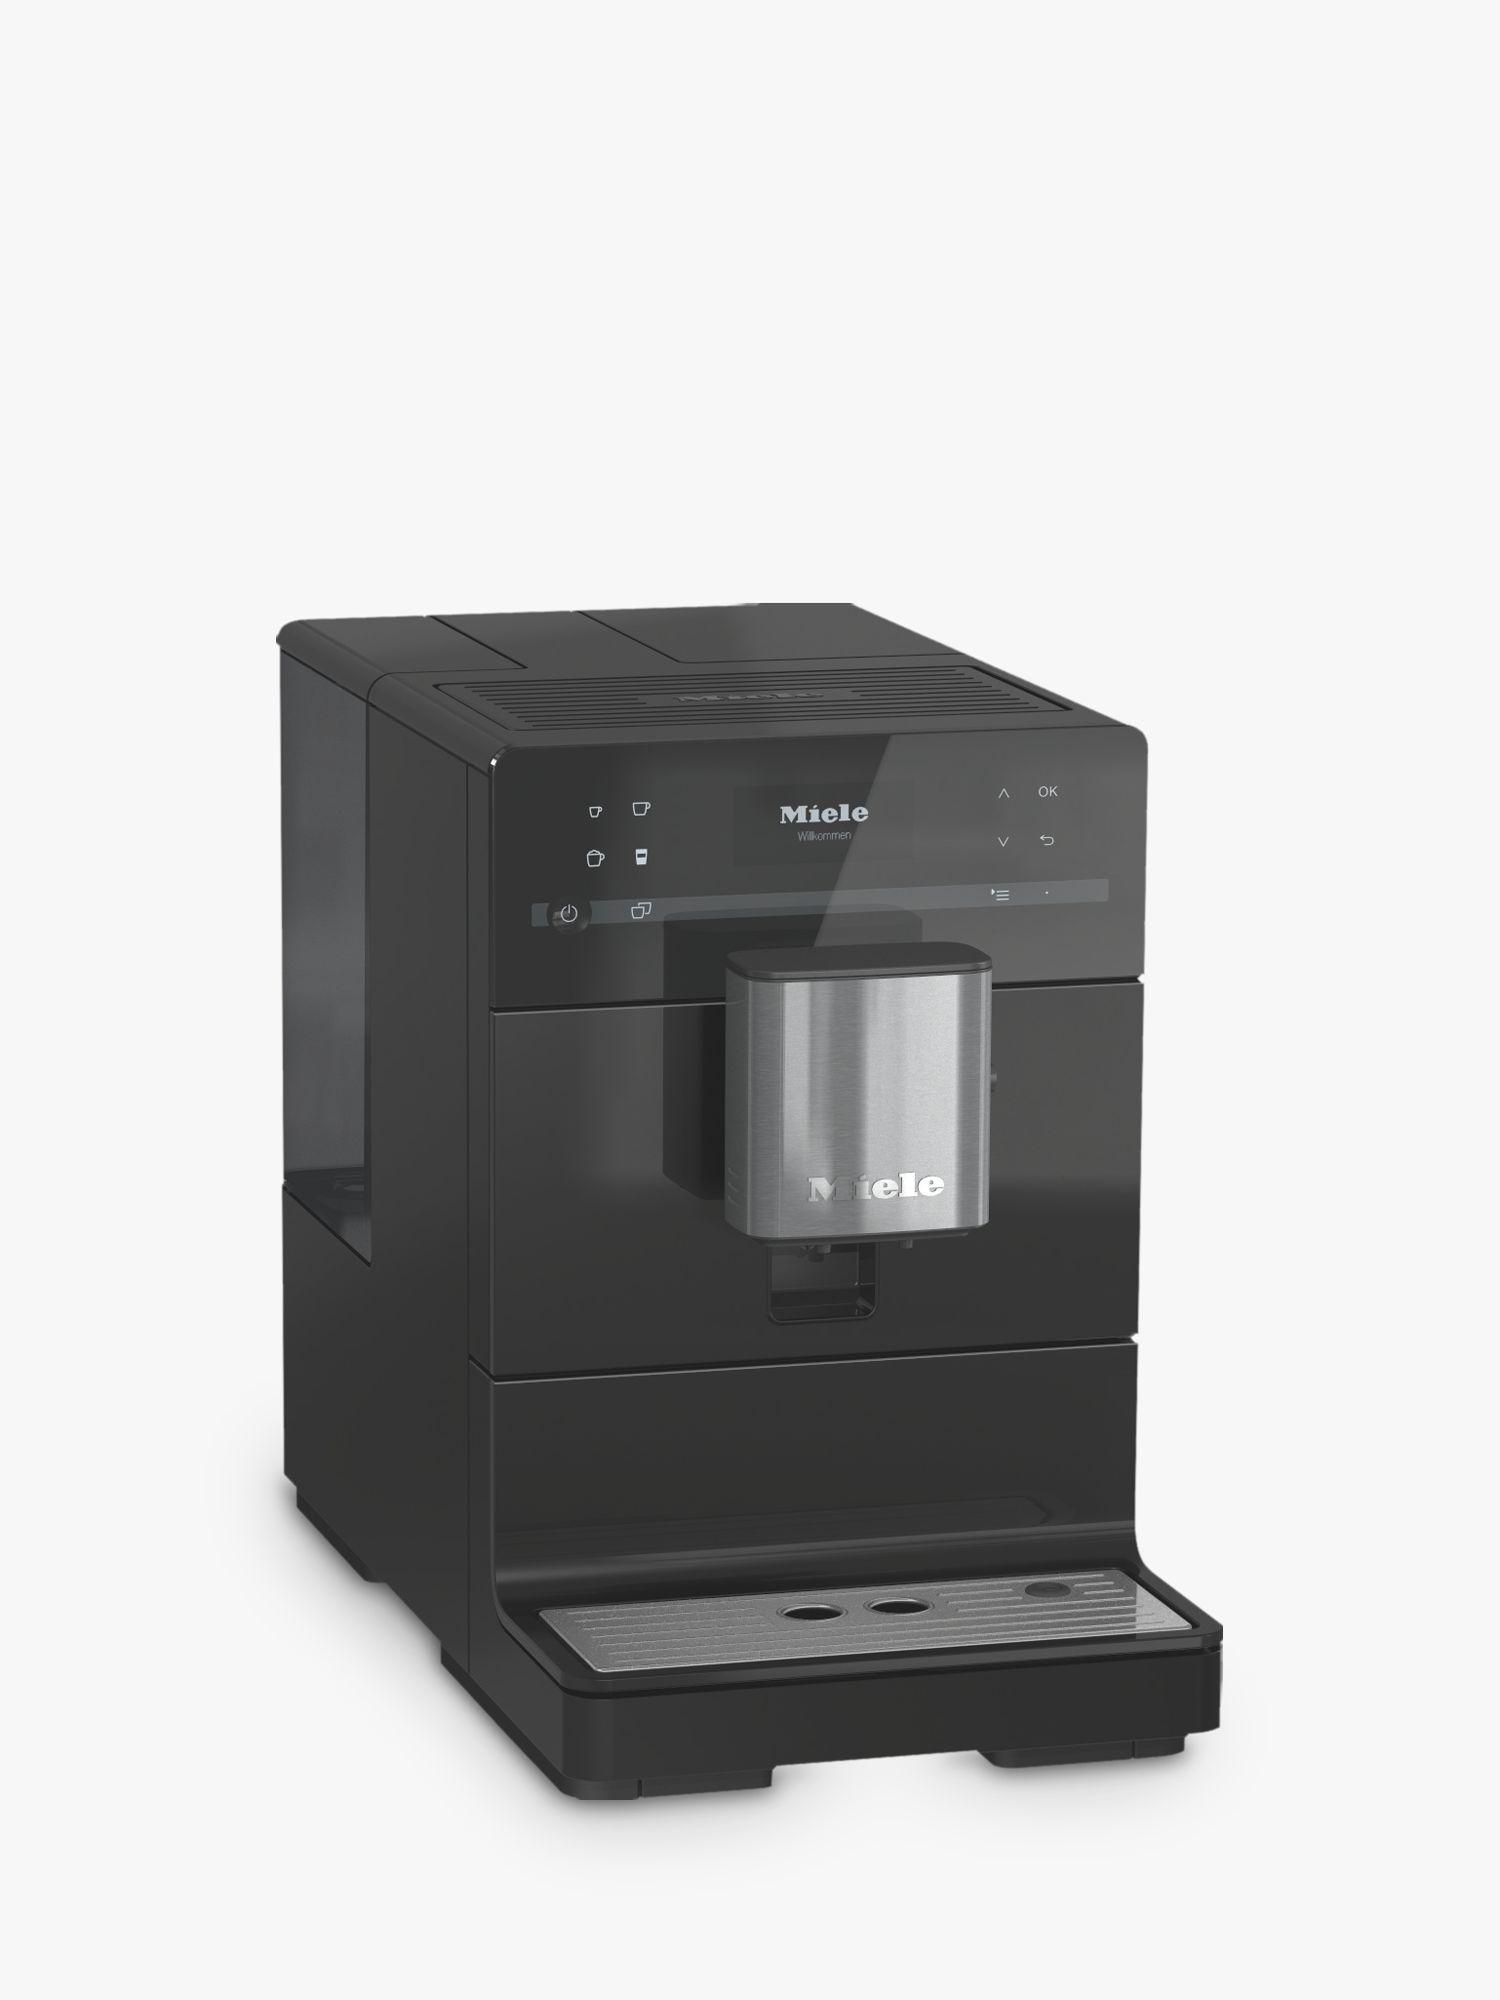 Miele Miele CM5300 Bean-to-Cup Coffee Machine, Black